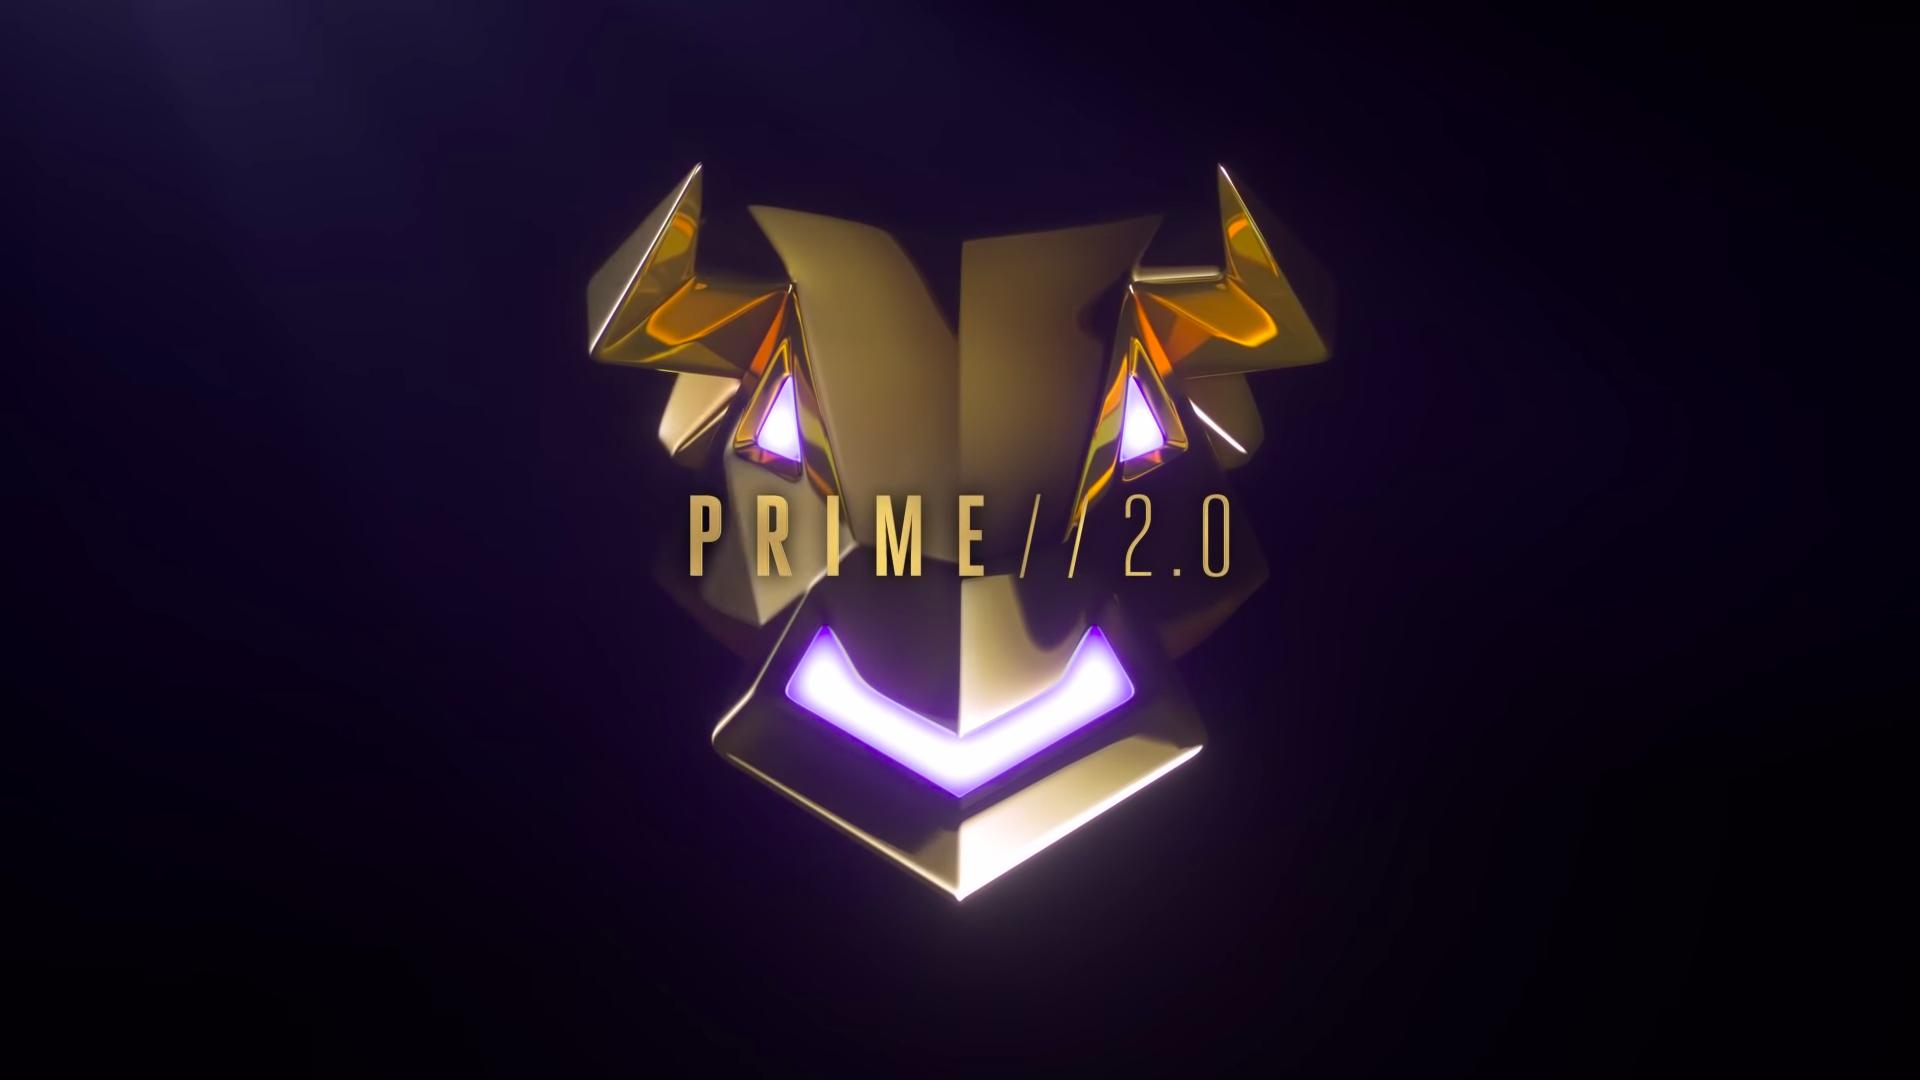 Prime Skin 2.0